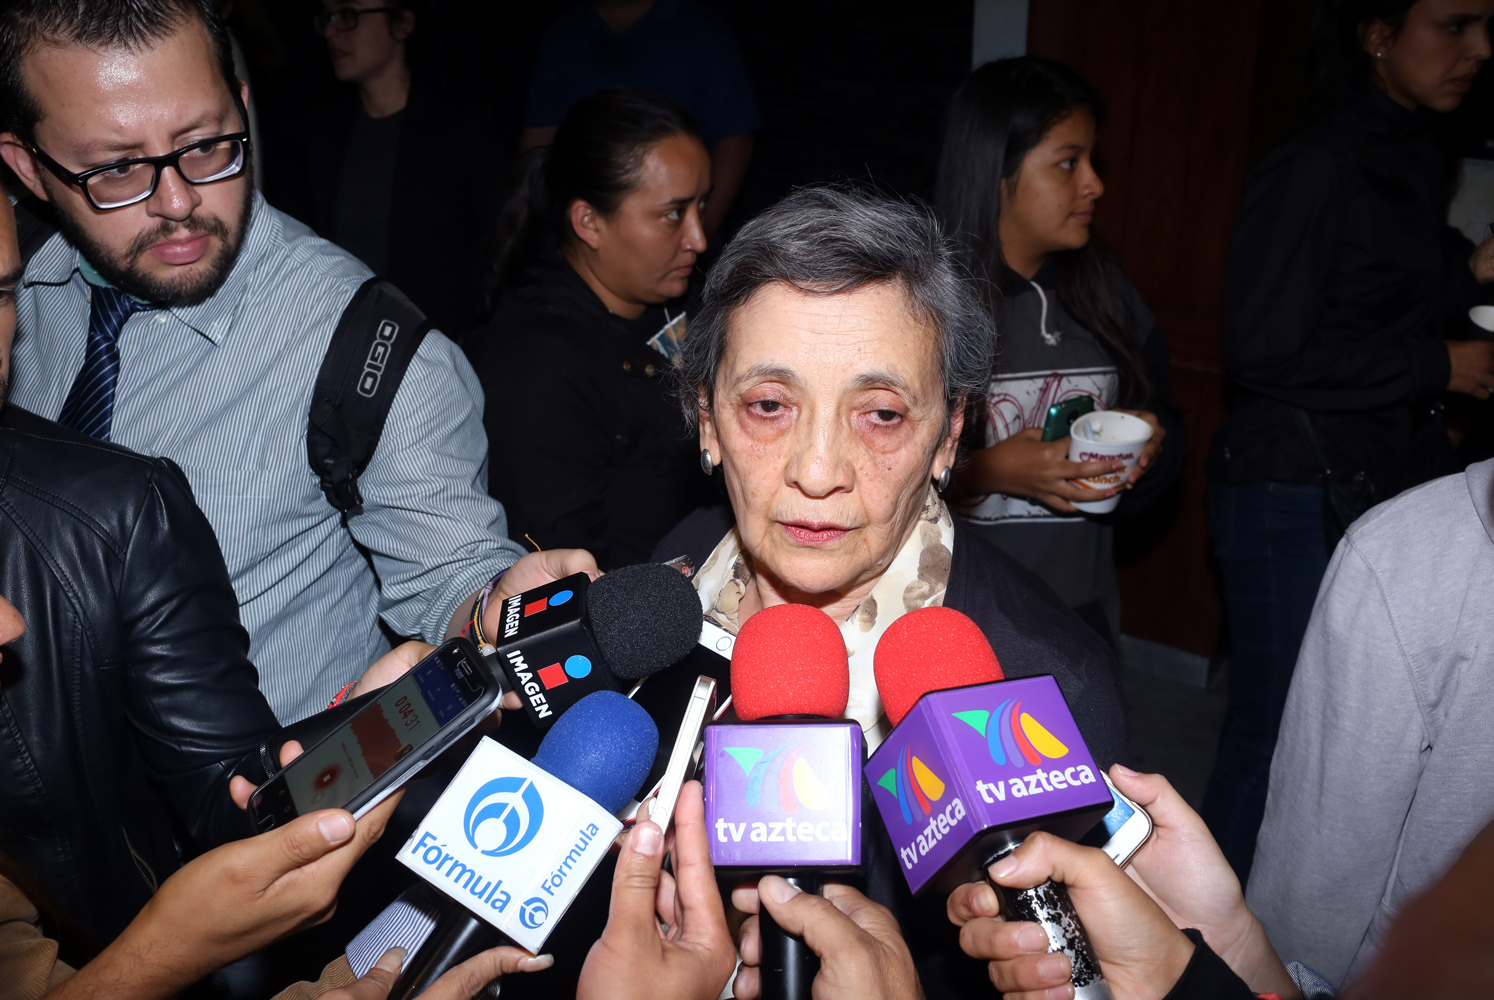 Mamá de Hiromi hablando con los medios sobre la causa de muerte de su hija